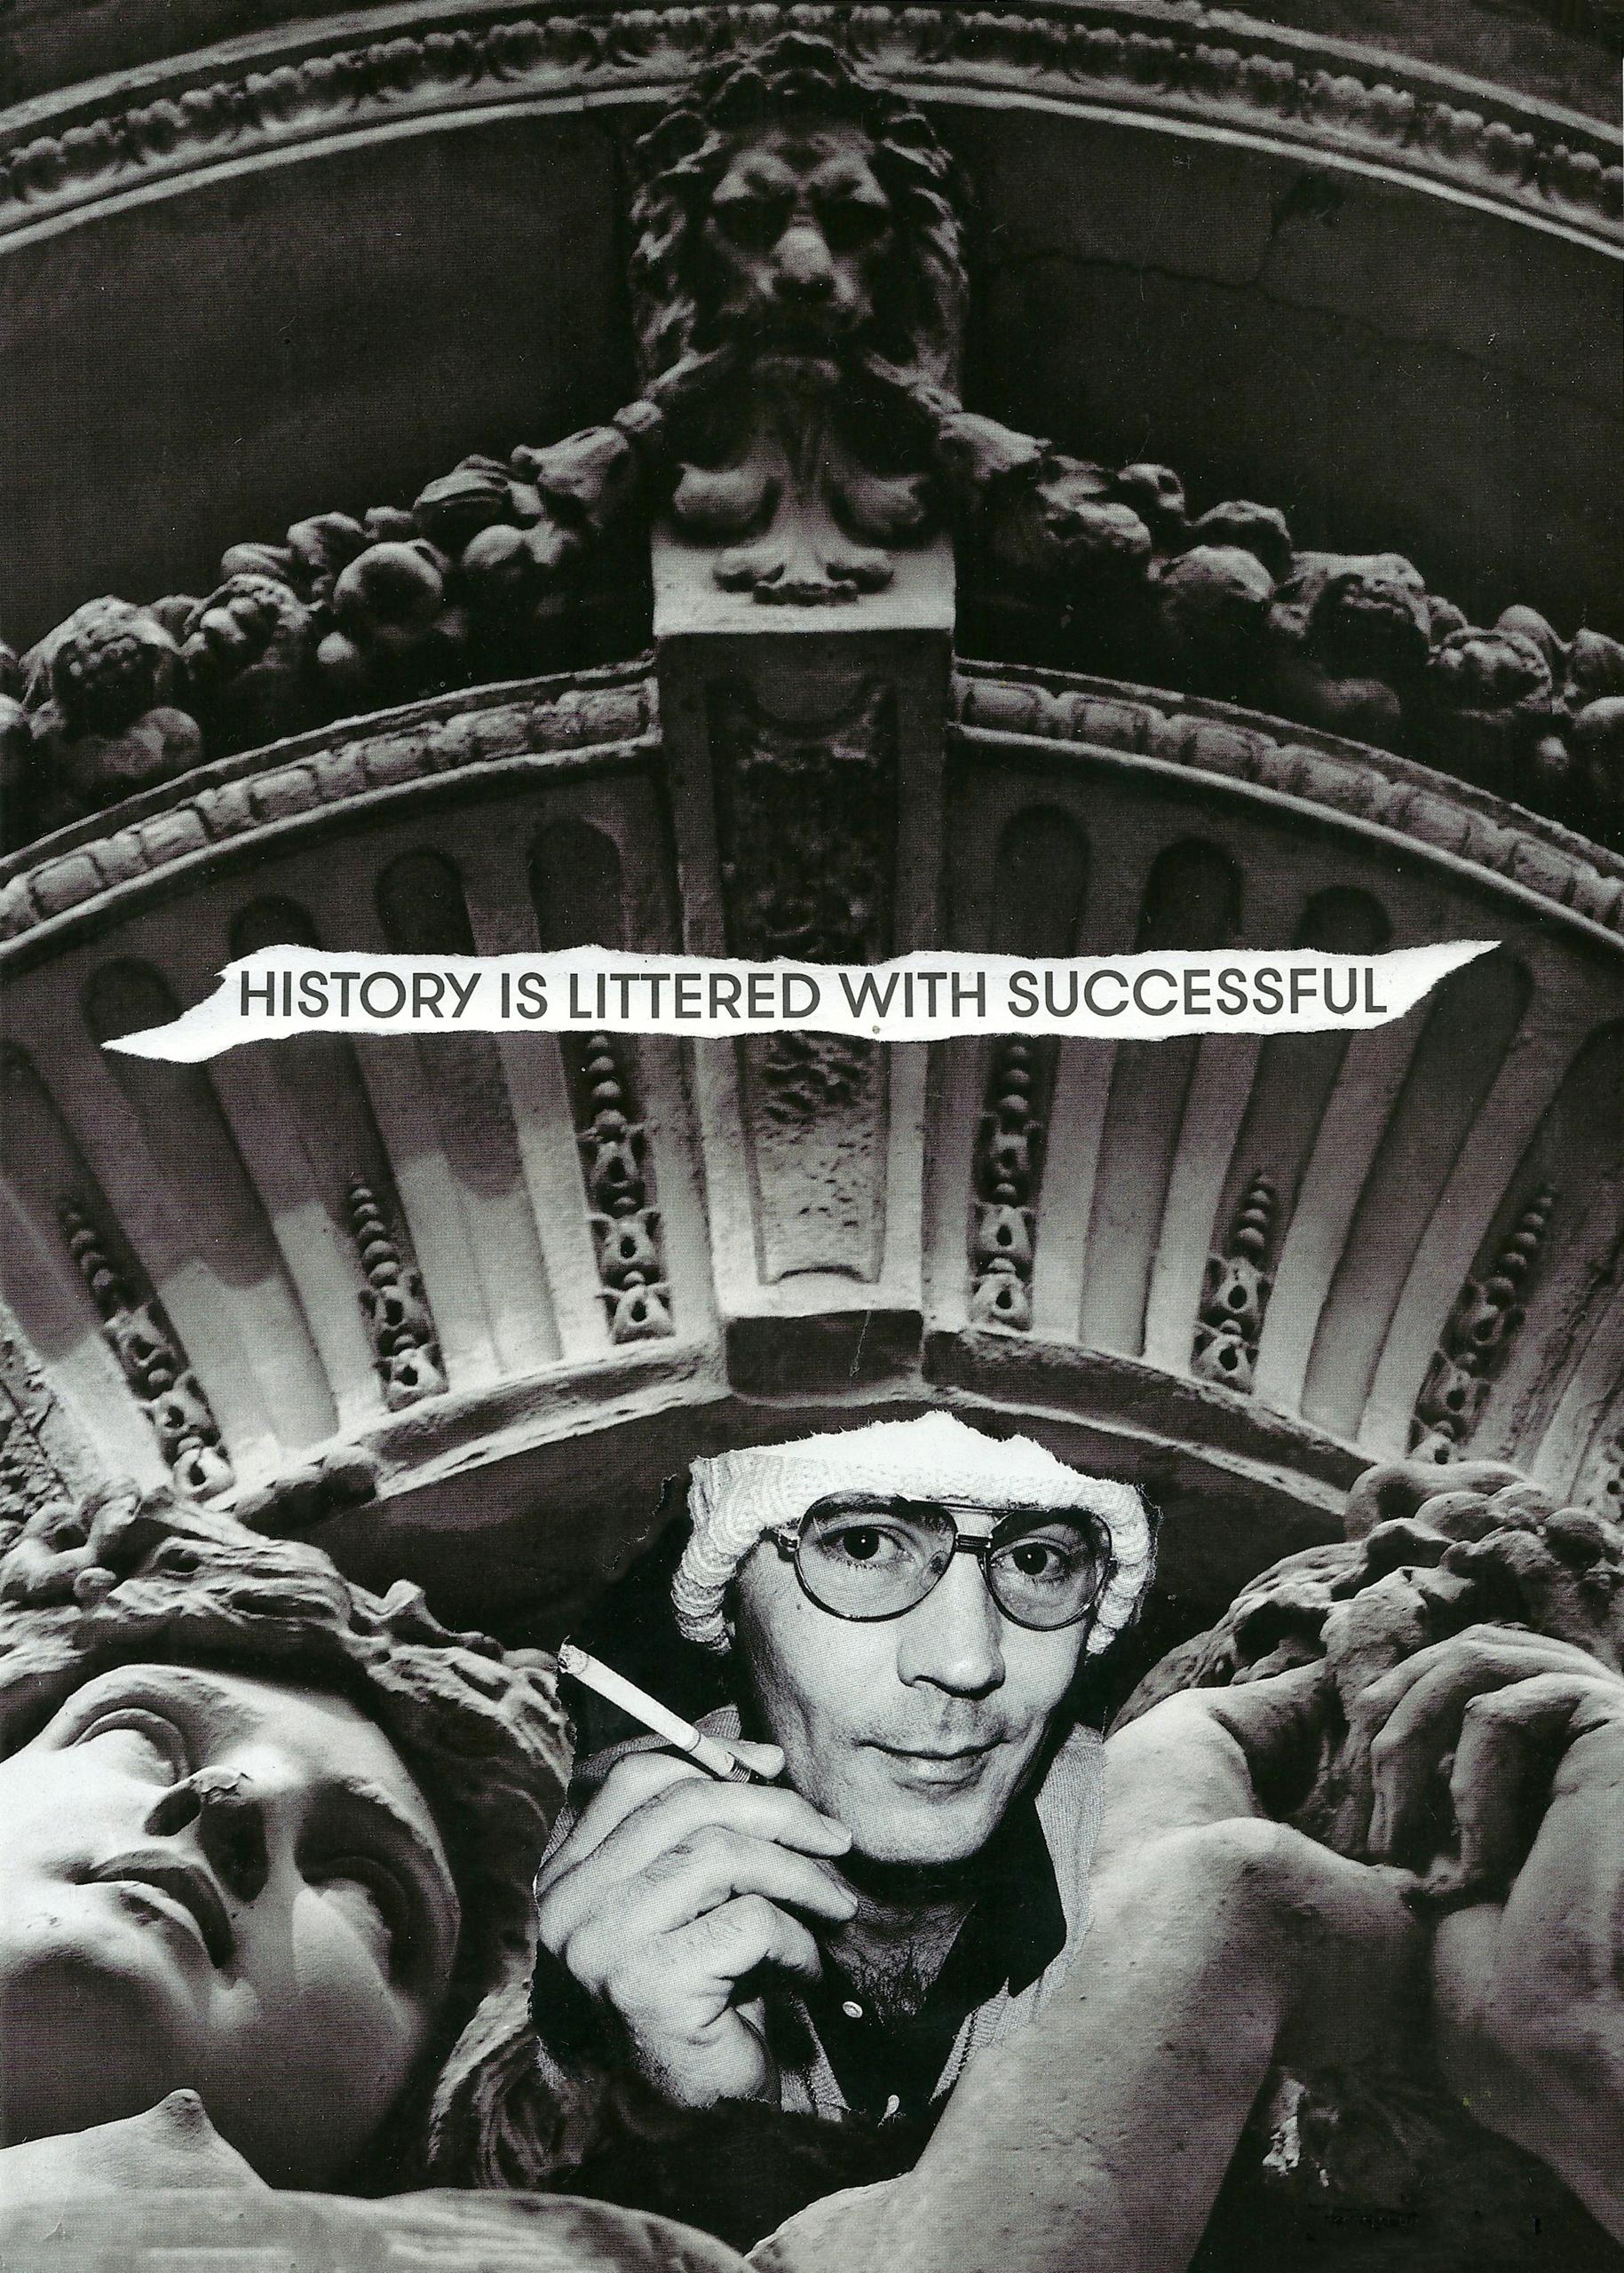 History Littered Successful - 7orlov | ello